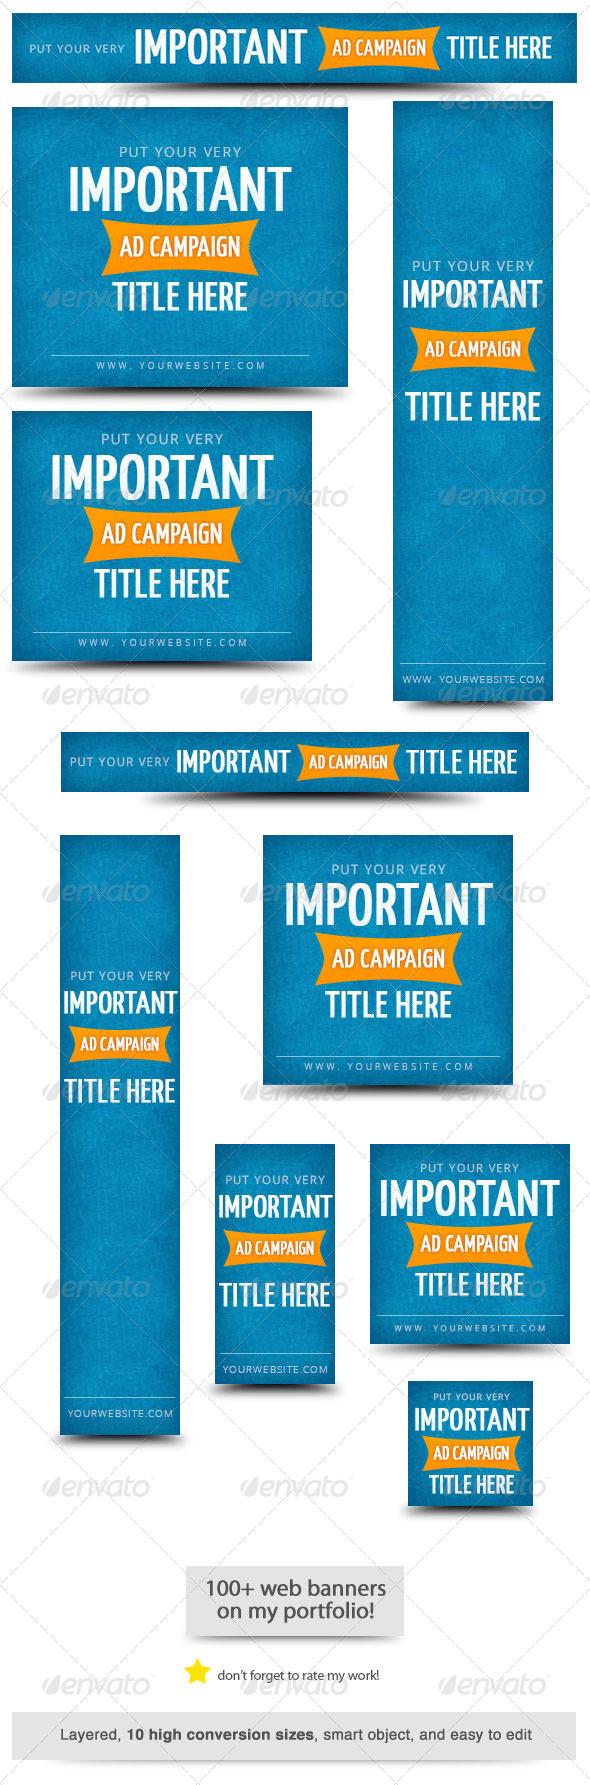 GraphicRiver Important Ad Campaign Web Banner 6614735